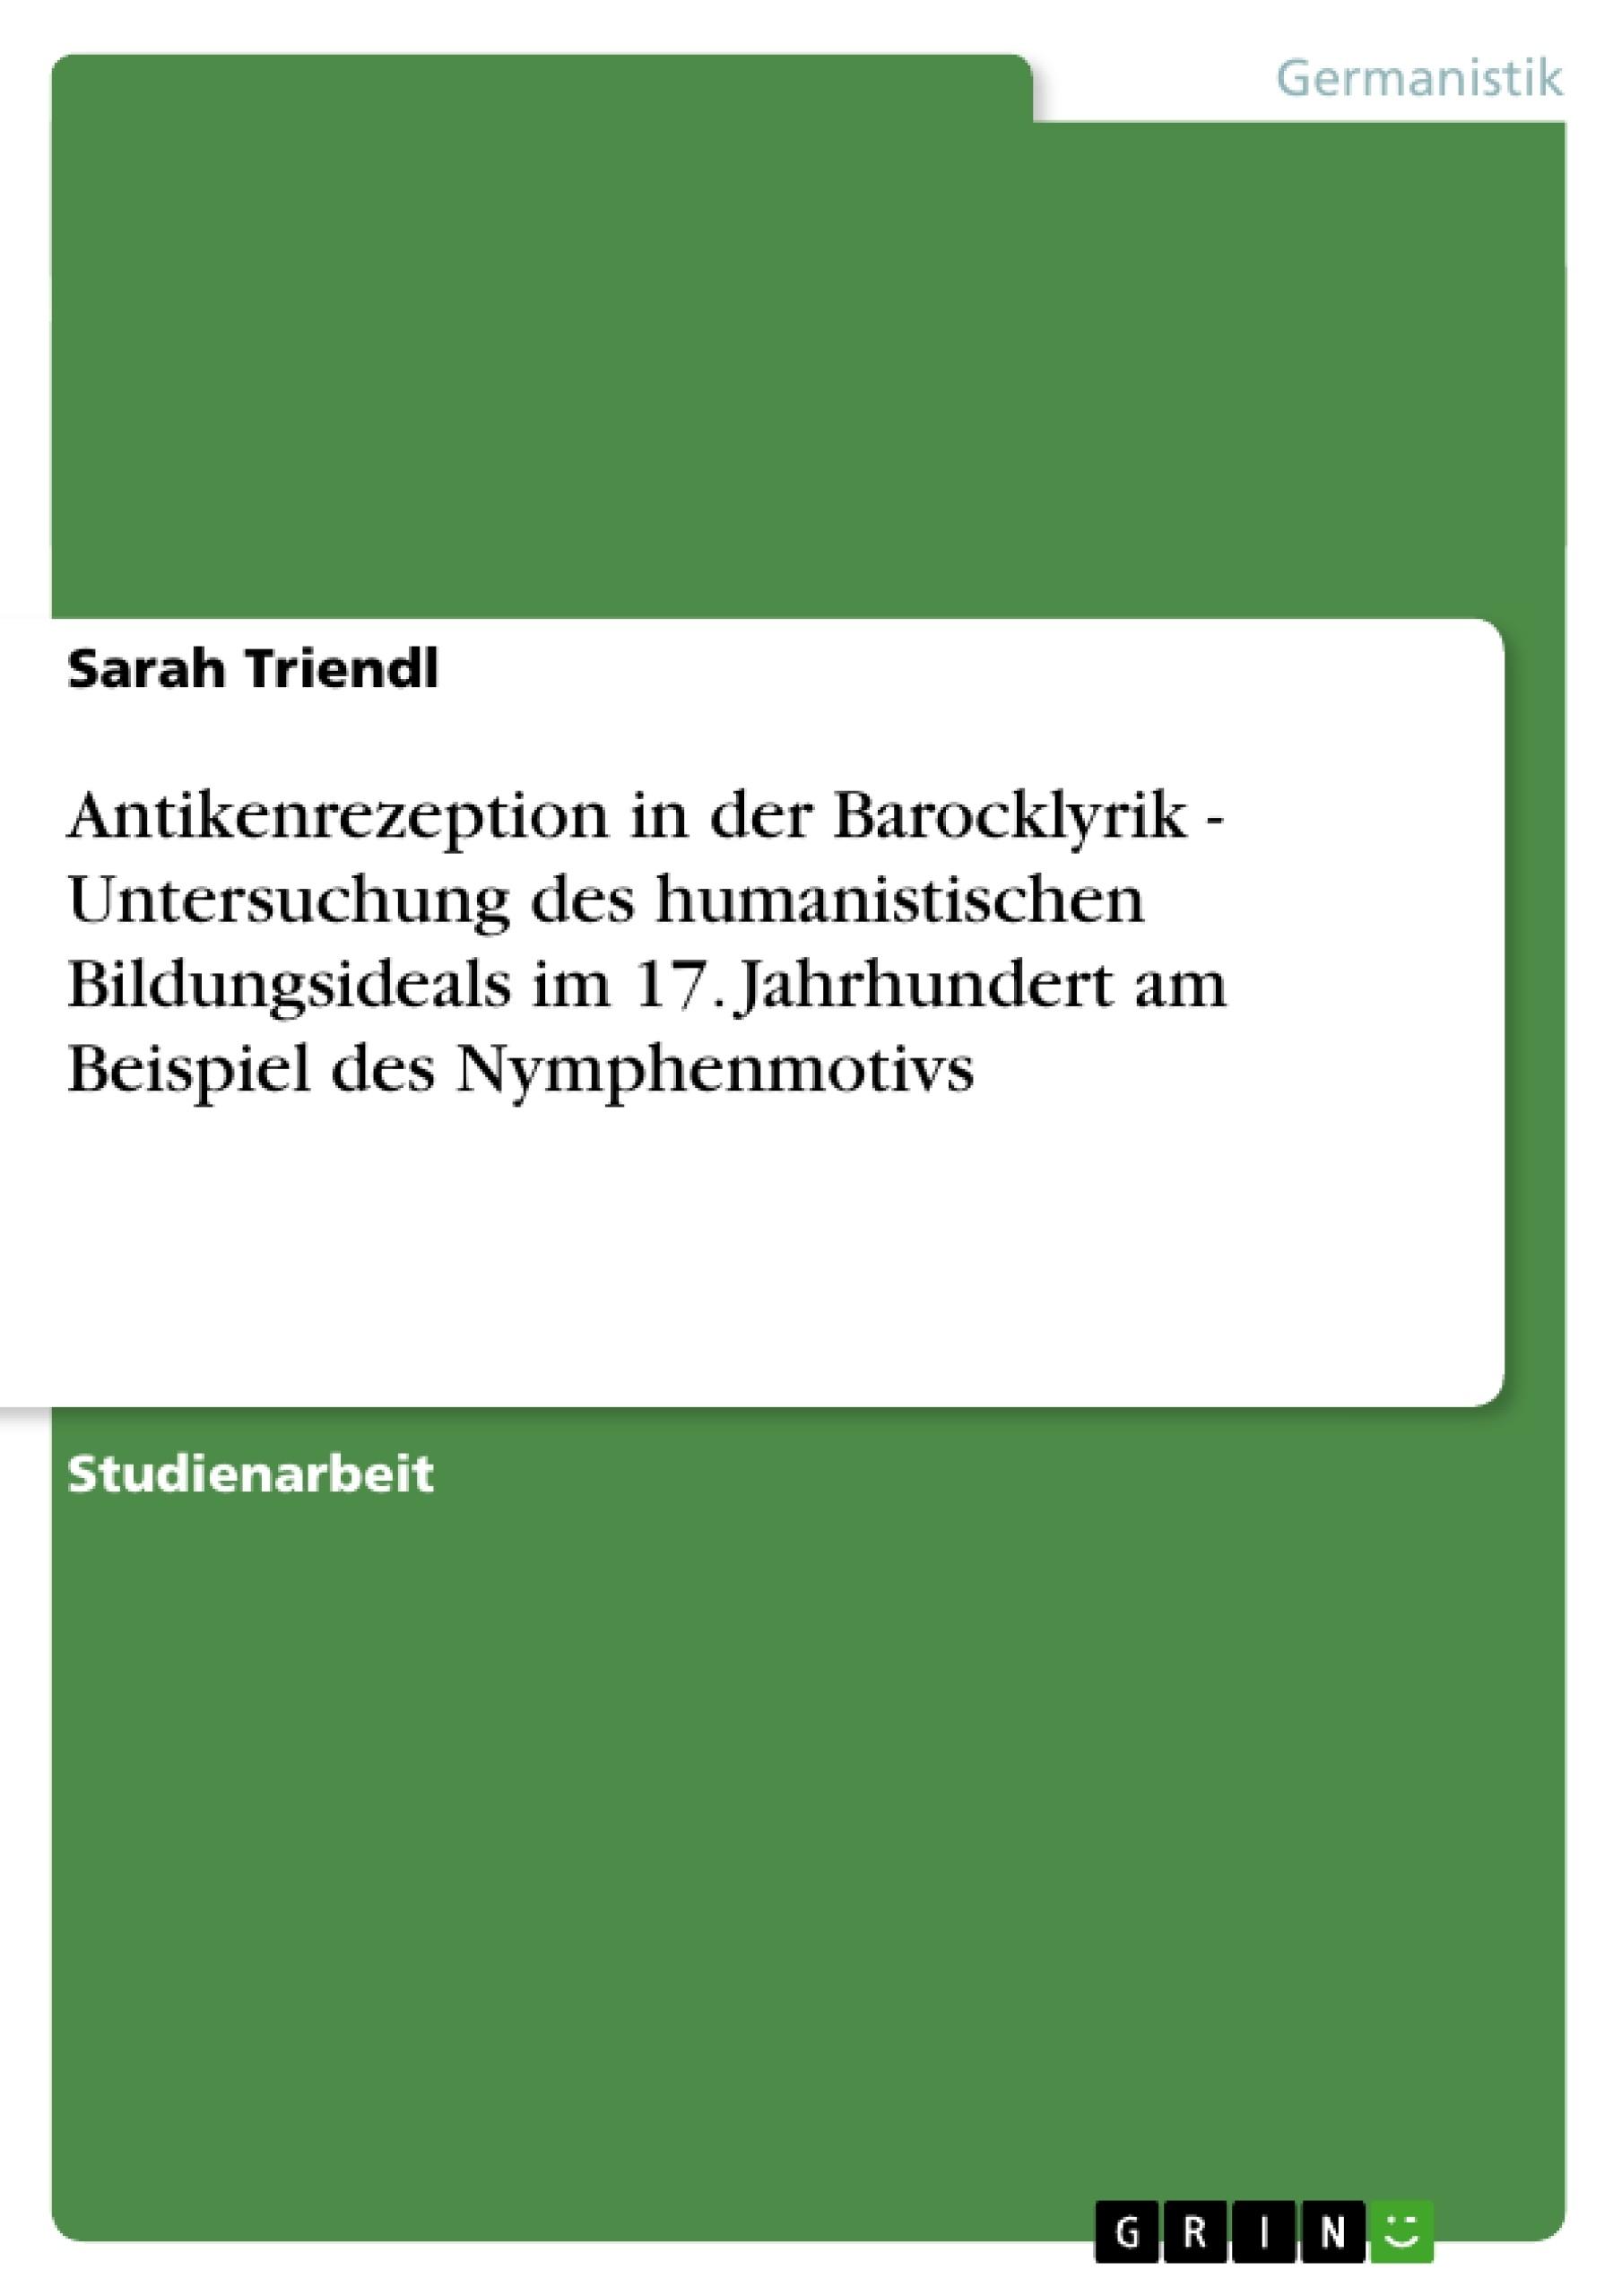 Titel: Antikenrezeption in der Barocklyrik - Untersuchung des humanistischen Bildungsideals im 17. Jahrhundert am Beispiel des Nymphenmotivs